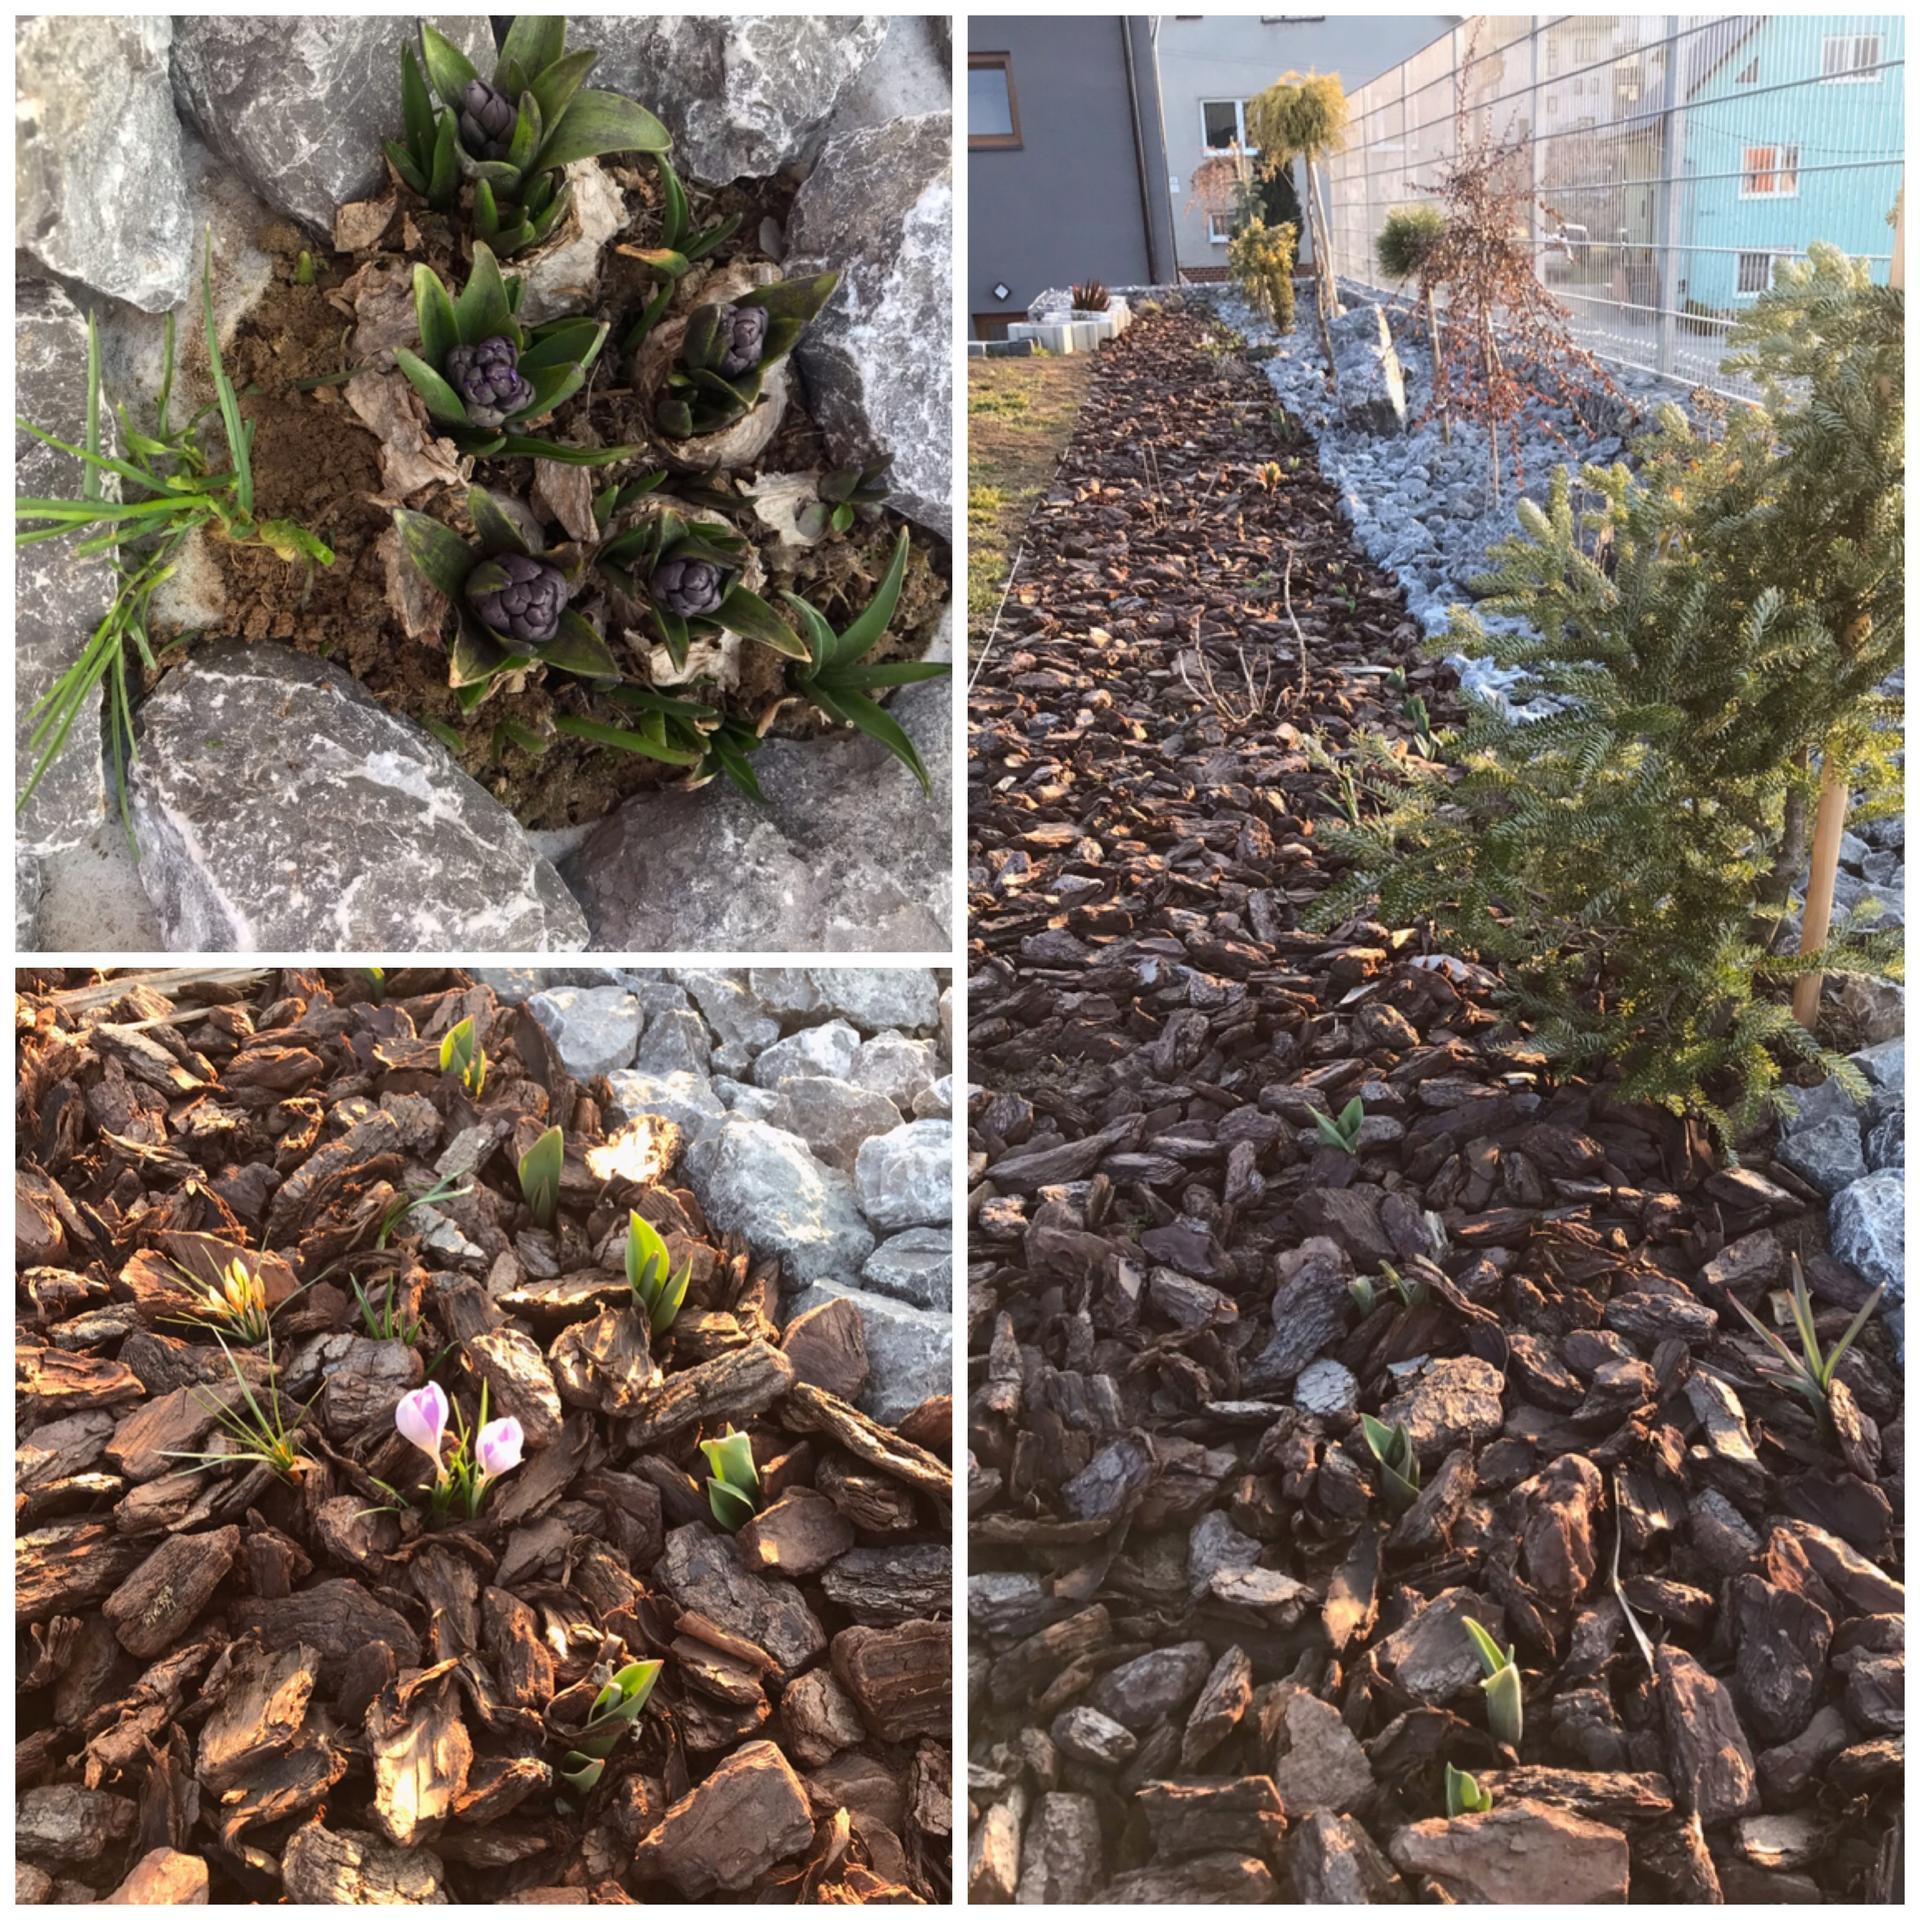 Začiatok 3. roku bývania vo vytúženom domčeku - Exteriér, jarné kvety začínajú konečne vykukovať🌷😉ale puky hortenzie zamrzli, tak neviem či niečo z nej bude😩